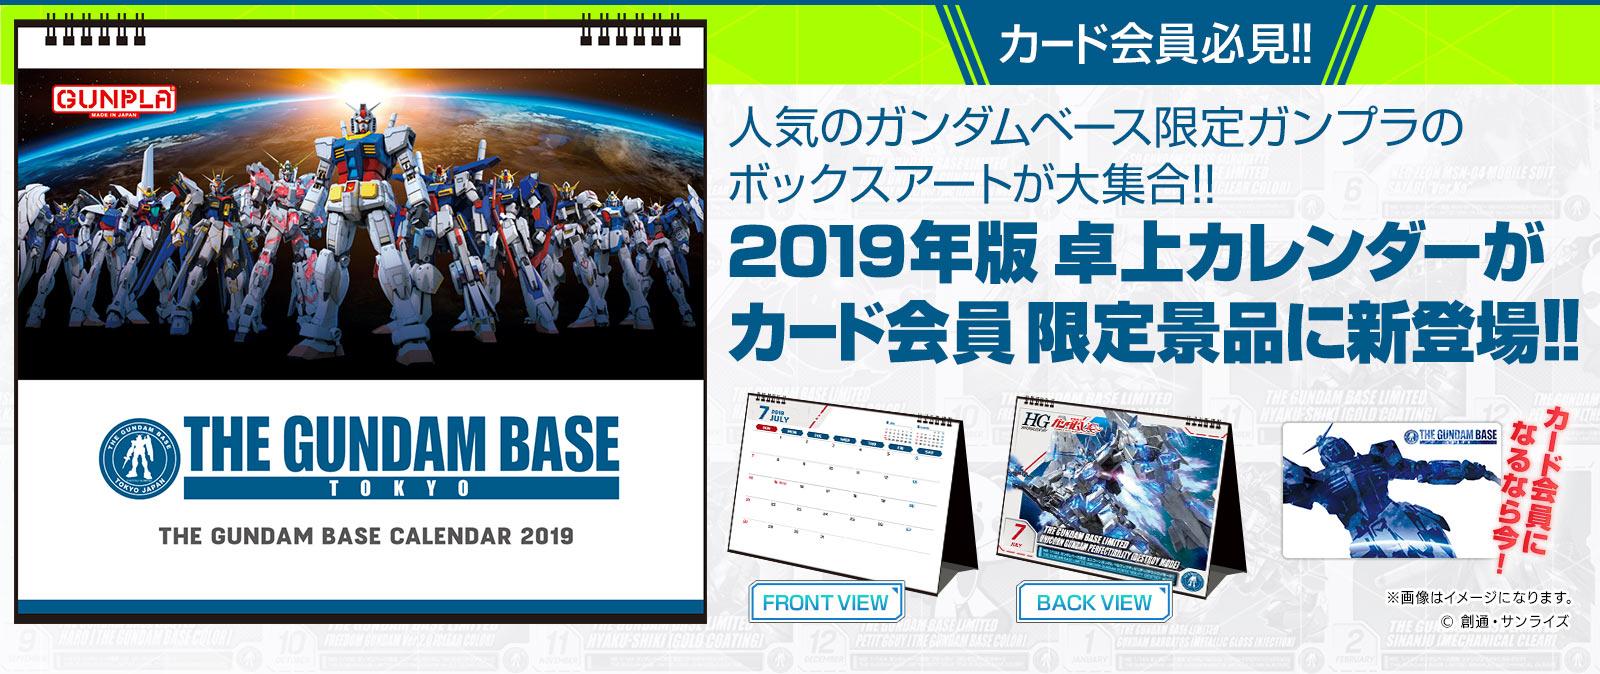 カード会員限定の新景品!『THE GUNDAM BASE TOKYO CALENDAR 2019』が登場!